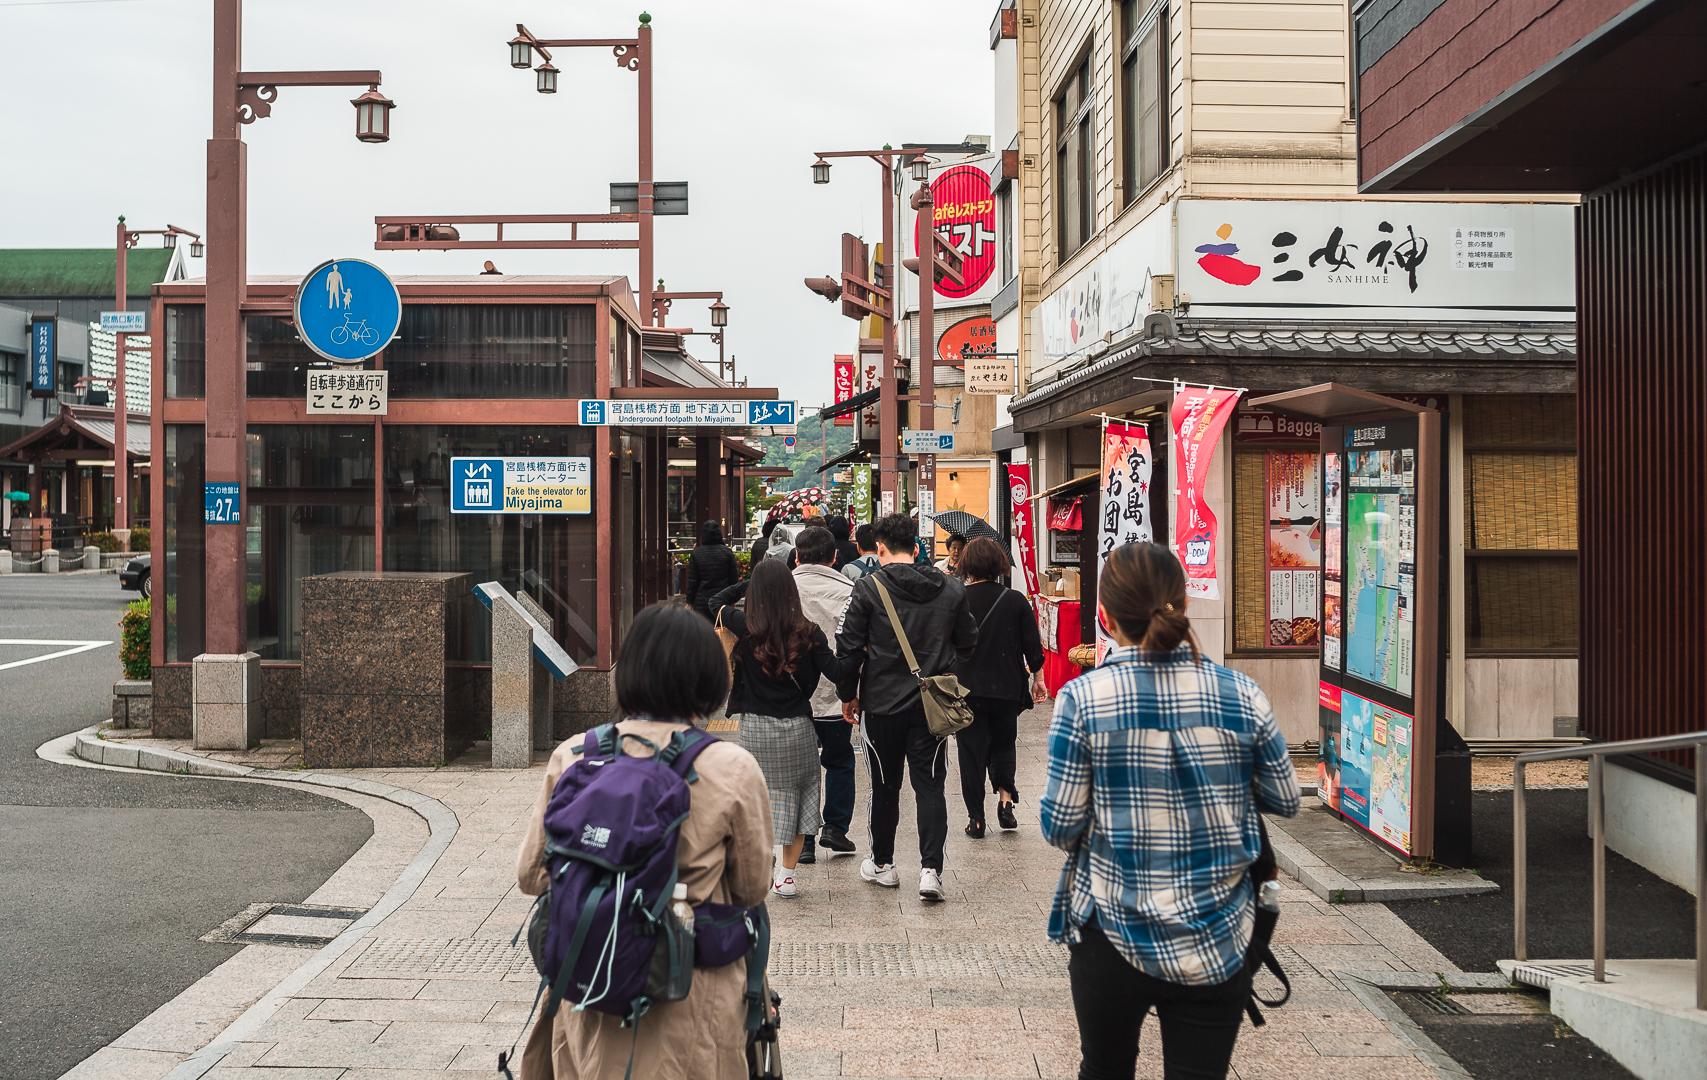 edwardchang-Hiroshima-6.jpg